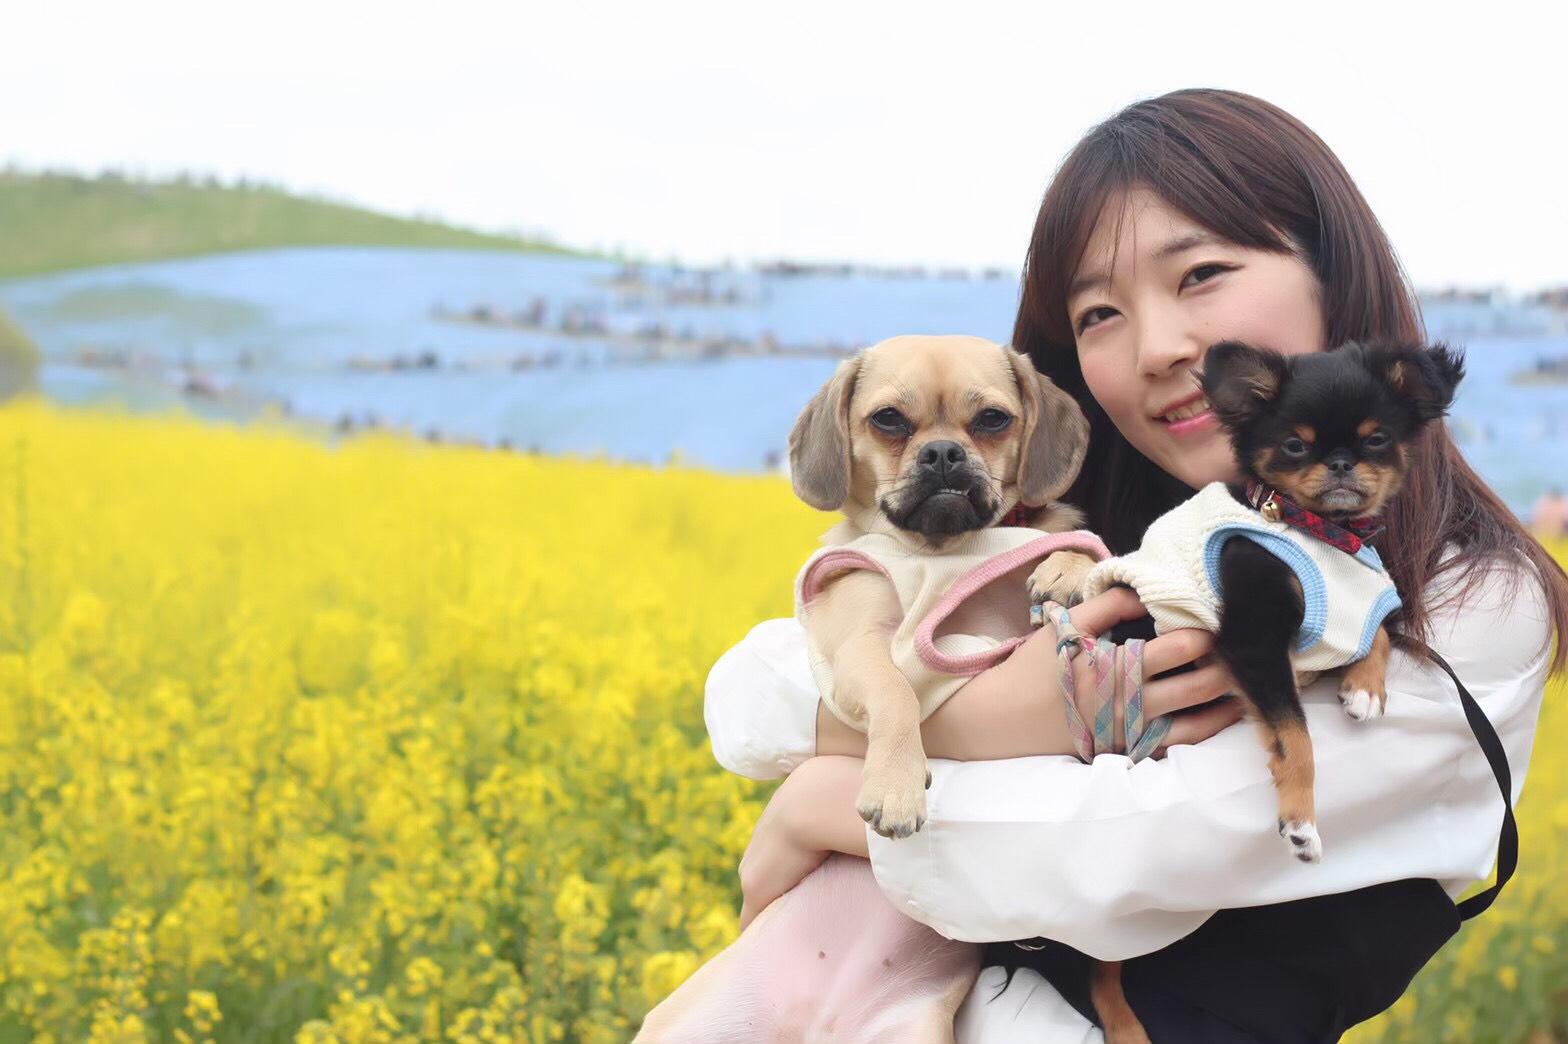 ウエスト55cm!あやかまること服部彩香が2匹の愛犬にキュンとくる瞬間とは?「朝起きると…」サムネイル画像!